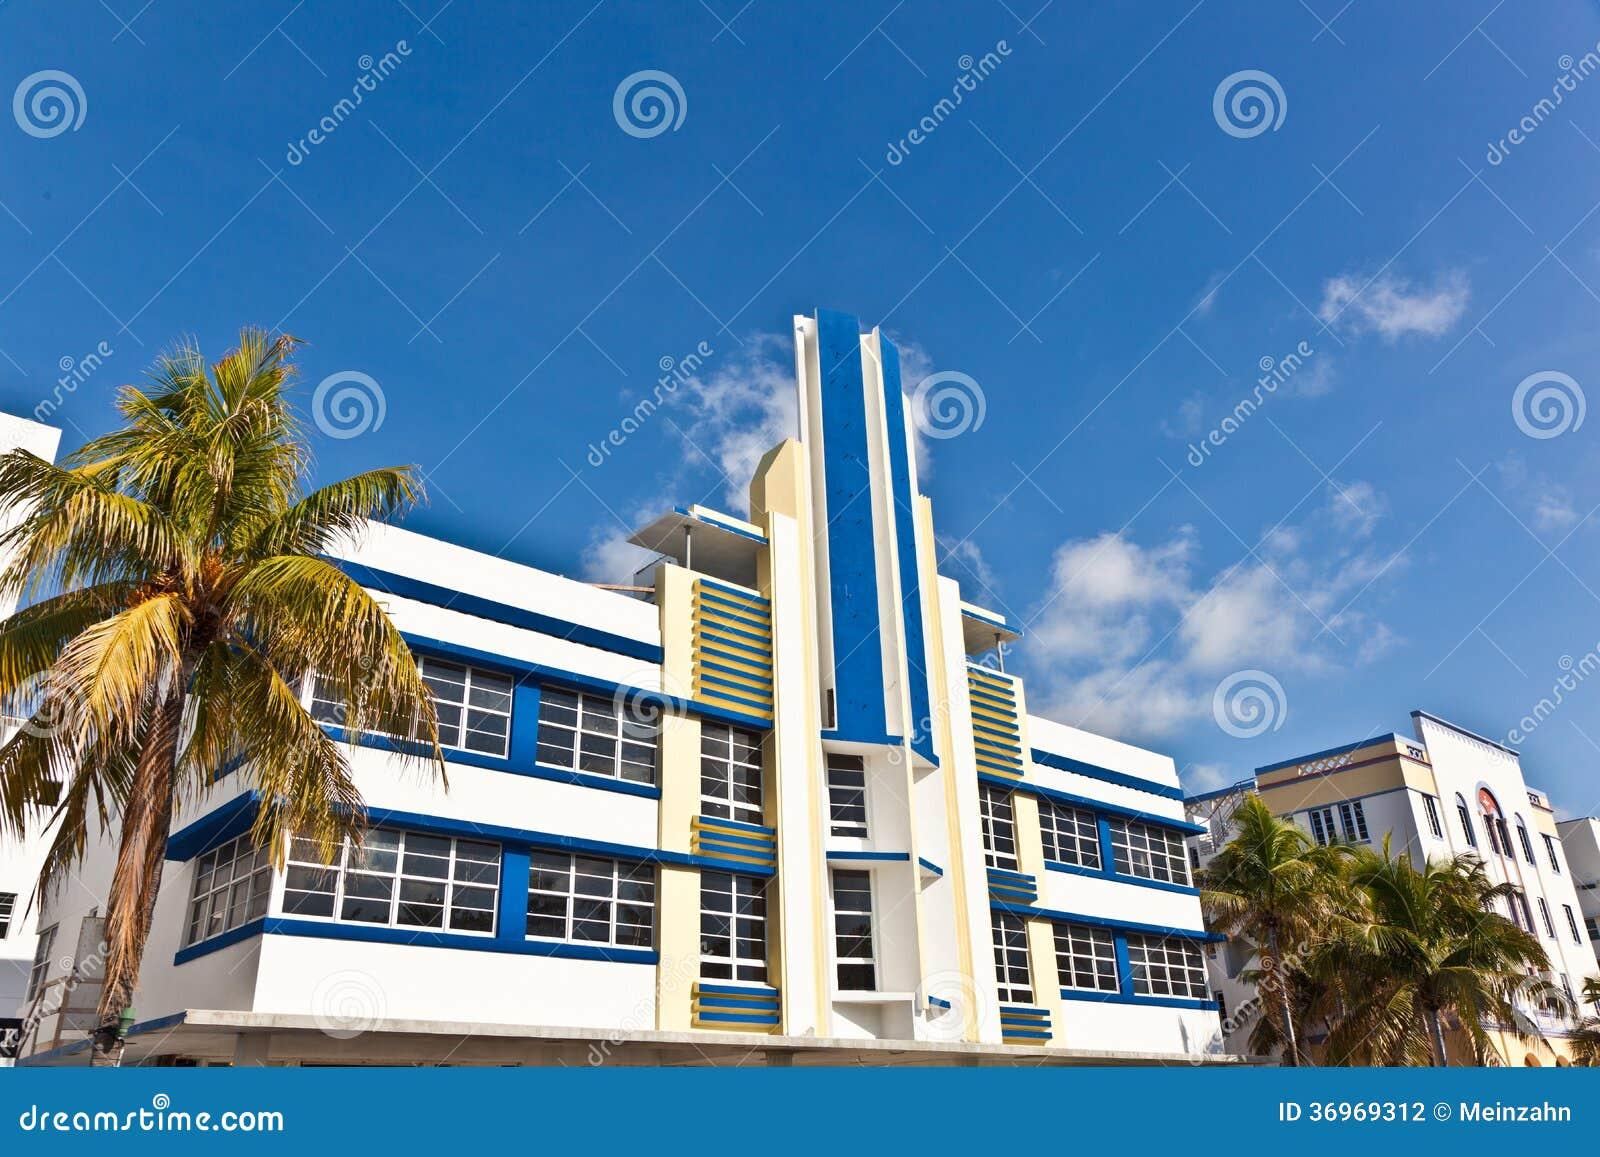 Mooie huizen in art deco stijl redactionele fotografie afbeelding 36969312 - Deco huizen ...